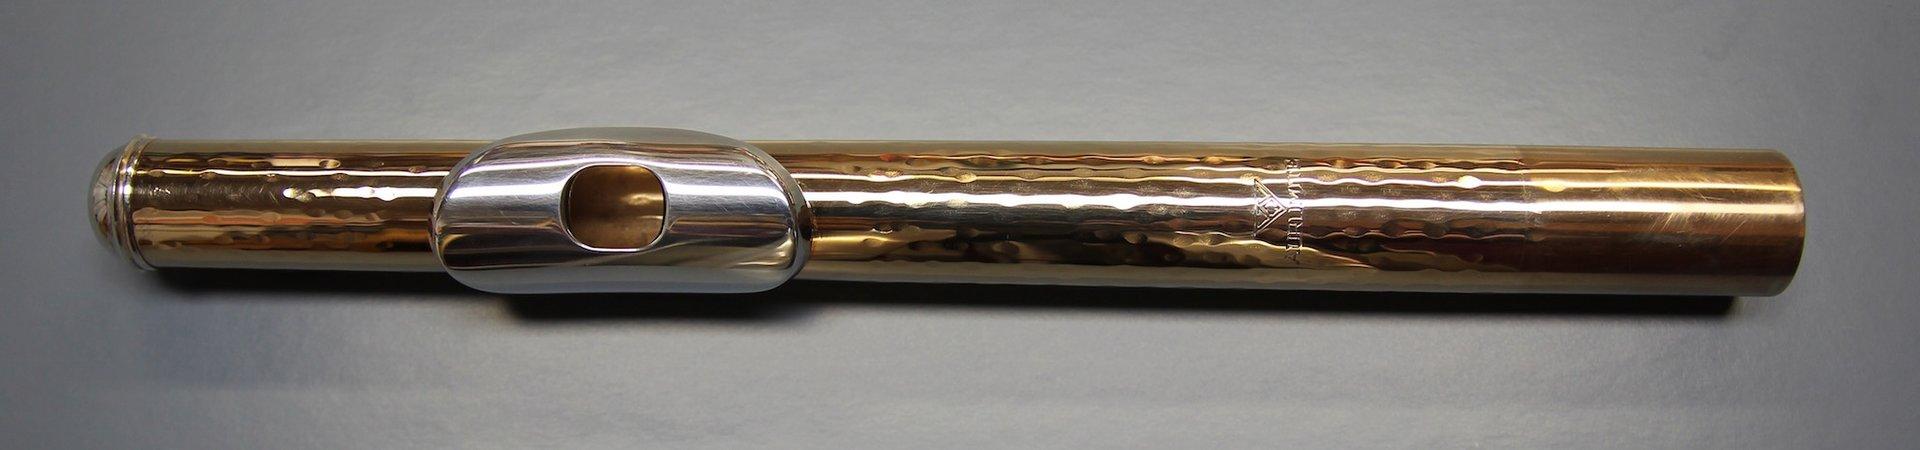 gebrauchtes Kopfstück Powell Aurumite und Powell Signature Silber